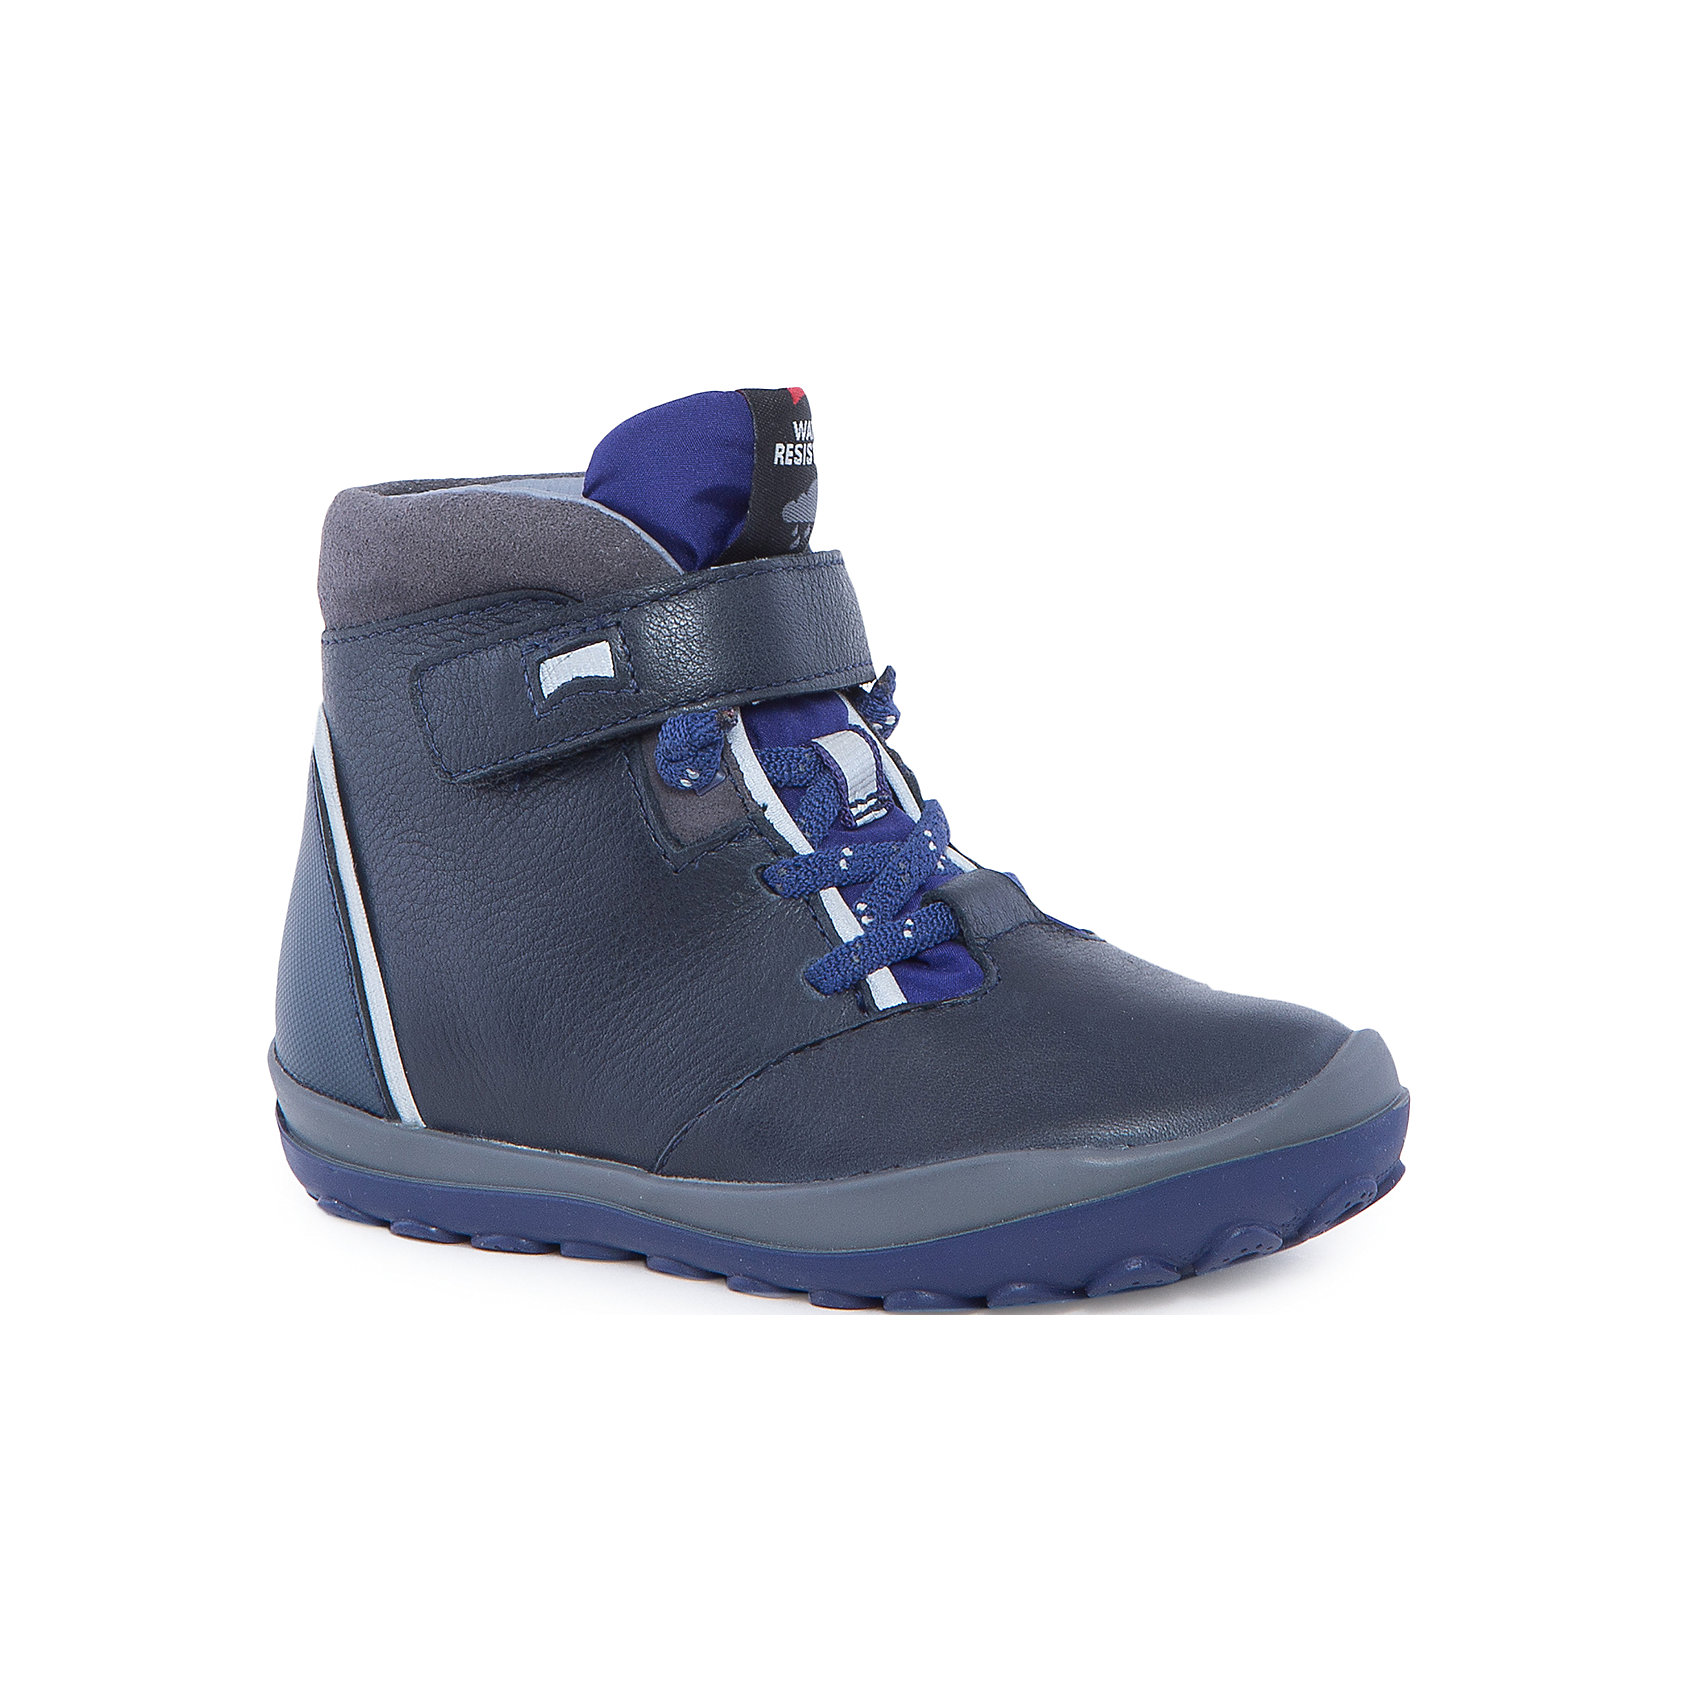 Ботинки для мальчика CamperХарактеристики:<br><br>• Предназначение: повседневная обувь<br>• Сезон: демисезонные<br>• Пол: для мальчика<br>• Цвет: черный, синий, серый<br>• Материал верха и стельки: натуральная кожа, текстиль, замша<br>• Материал подошвы: резина<br>• Тип каблука и подошвы: рифленая подошва<br>• Тип застежки: шнурки, ремешки-липучки<br>• Уход: удаление загрязнений мягкой тканью<br><br>Ботинки для мальчика Camper изготовлены испанским торговым брендом, специализирующимся на производстве обуви премиум-класса. Детская обувь Camper учитывает анатомические особенности детской растущей ноги, поэтому она изготавливается исключительно из натуральной кожи. Ботинки выполнены из сочетания гладкой кожи и замши, все элементы верха прошиты, имеется ортопедическая стелька. Эта модель ботинок выполнена с повышенными влагостойкими и антискользящими свойствами, имеет дополнительное утепление. Ботинки выполнены в дизайне детской линии от Camper – Peu Pista, которая отличается спортивным дизайном и яркими элементами, анатомической формой и повышенными комфортными свойствами. <br><br>Ботинки для мальчика Camper можно купить в нашем интернет-магазине.<br><br>Ширина мм: 262<br>Глубина мм: 176<br>Высота мм: 97<br>Вес г: 427<br>Цвет: синий<br>Возраст от месяцев: 24<br>Возраст до месяцев: 24<br>Пол: Мужской<br>Возраст: Детский<br>Размер: 25,28,30,27,26,29<br>SKU: 4974991